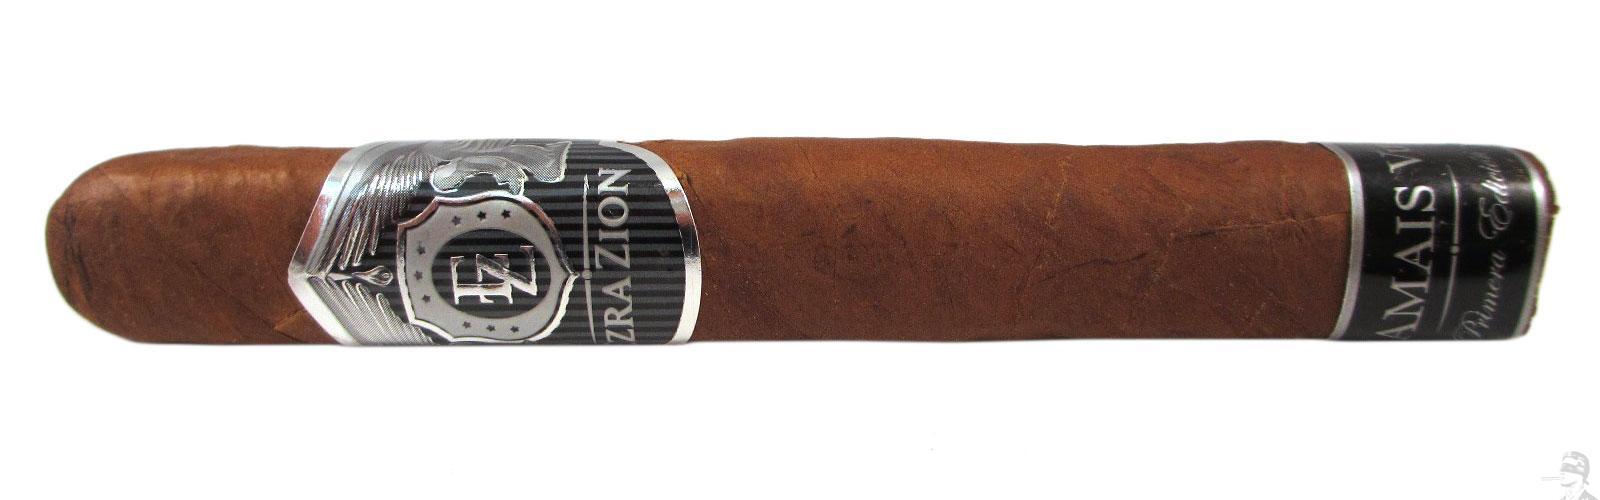 Blind Cigar Review: Ezra Zion | Jamais Vu Exquisito